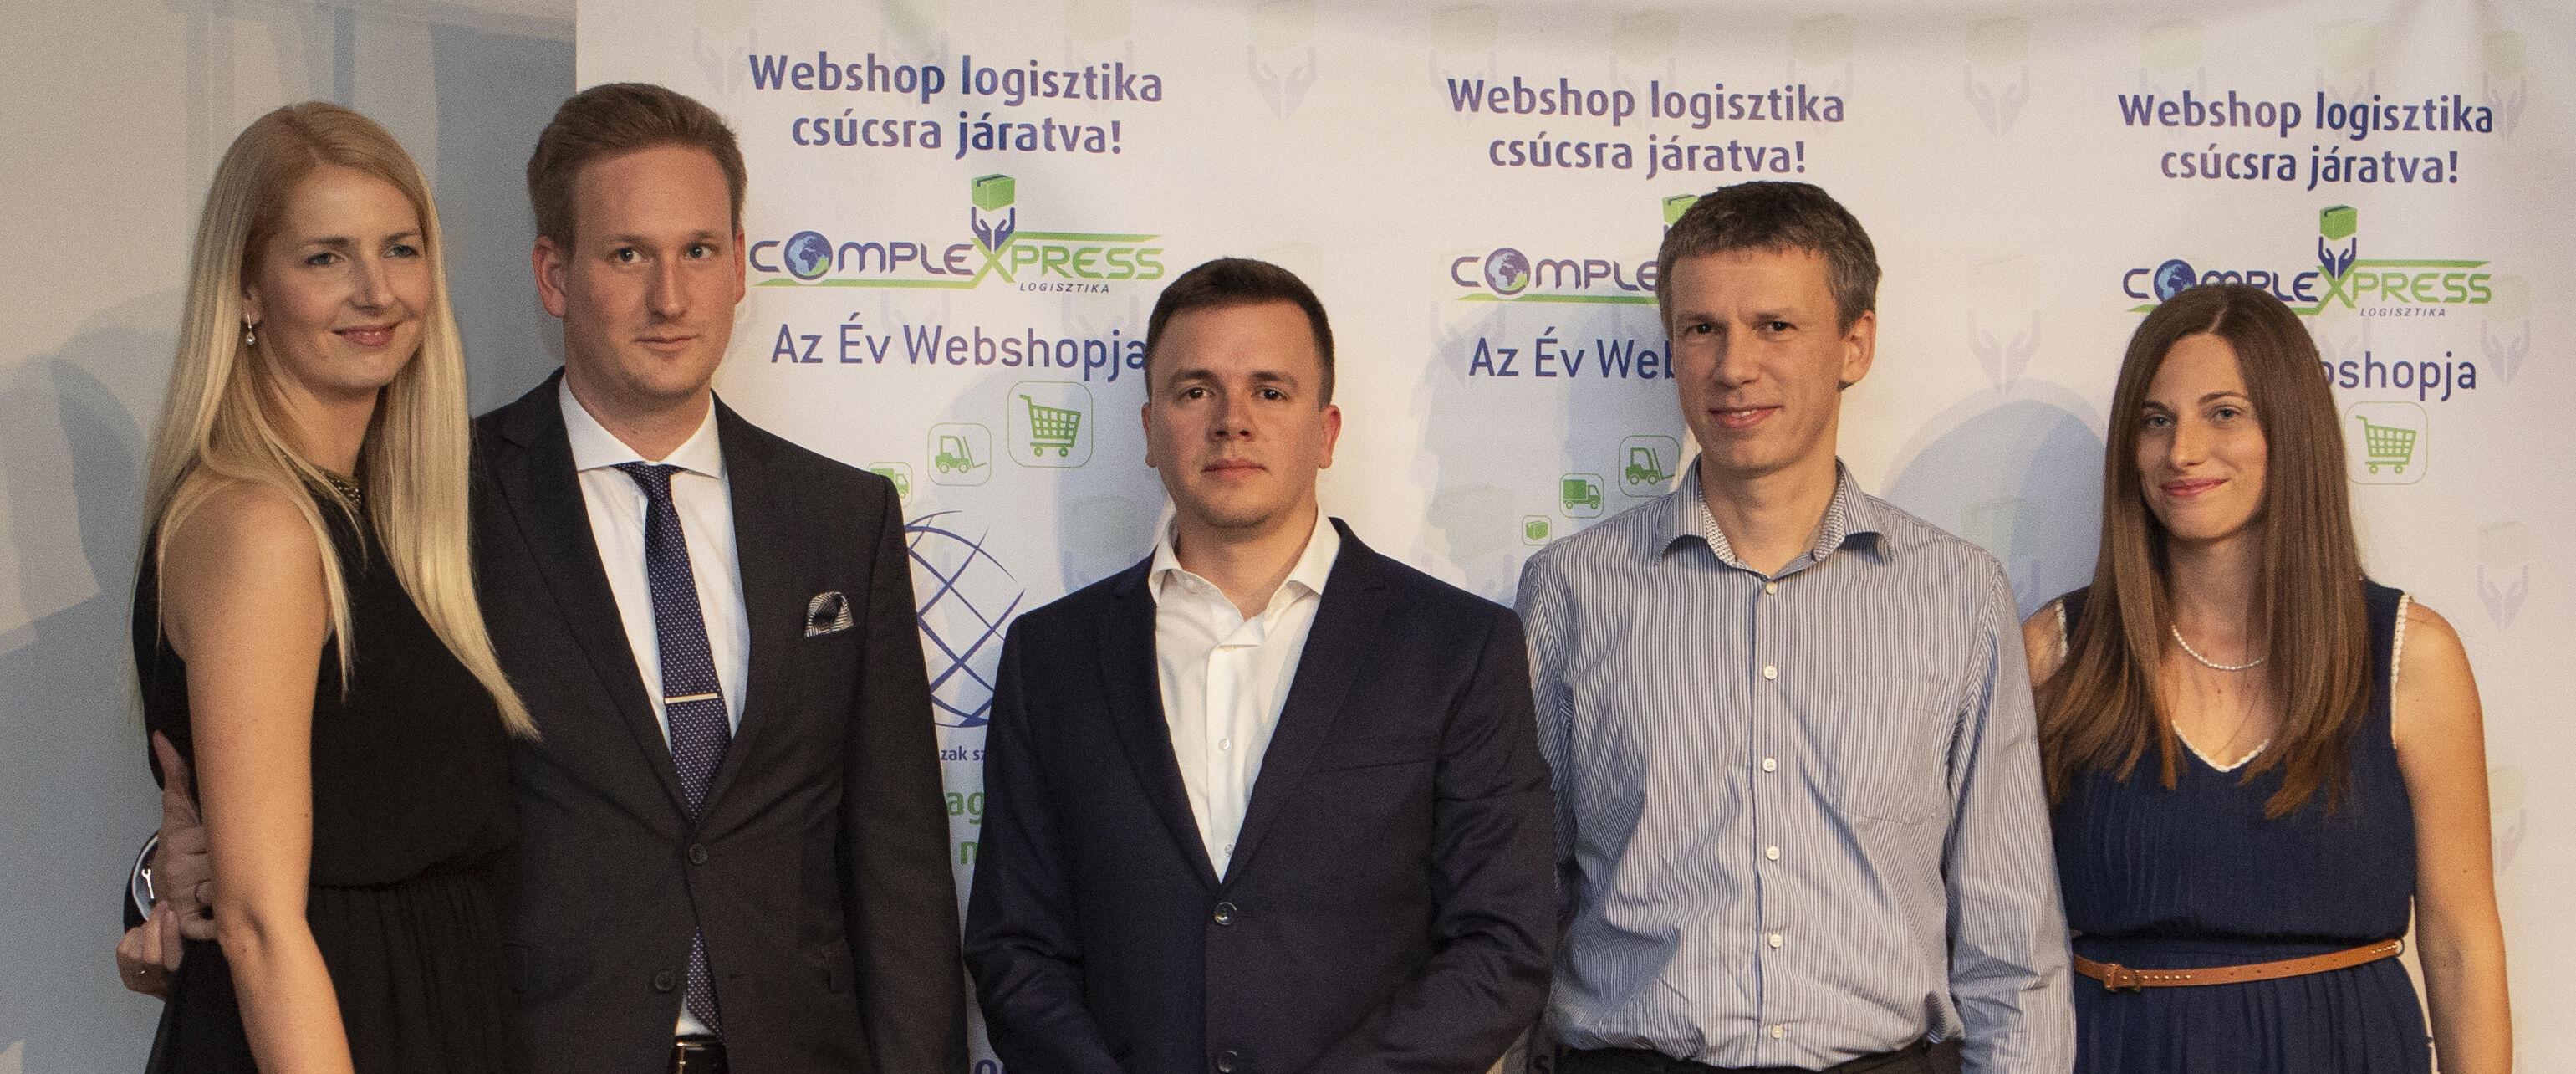 2018 Ev Webshopja - A döntősök